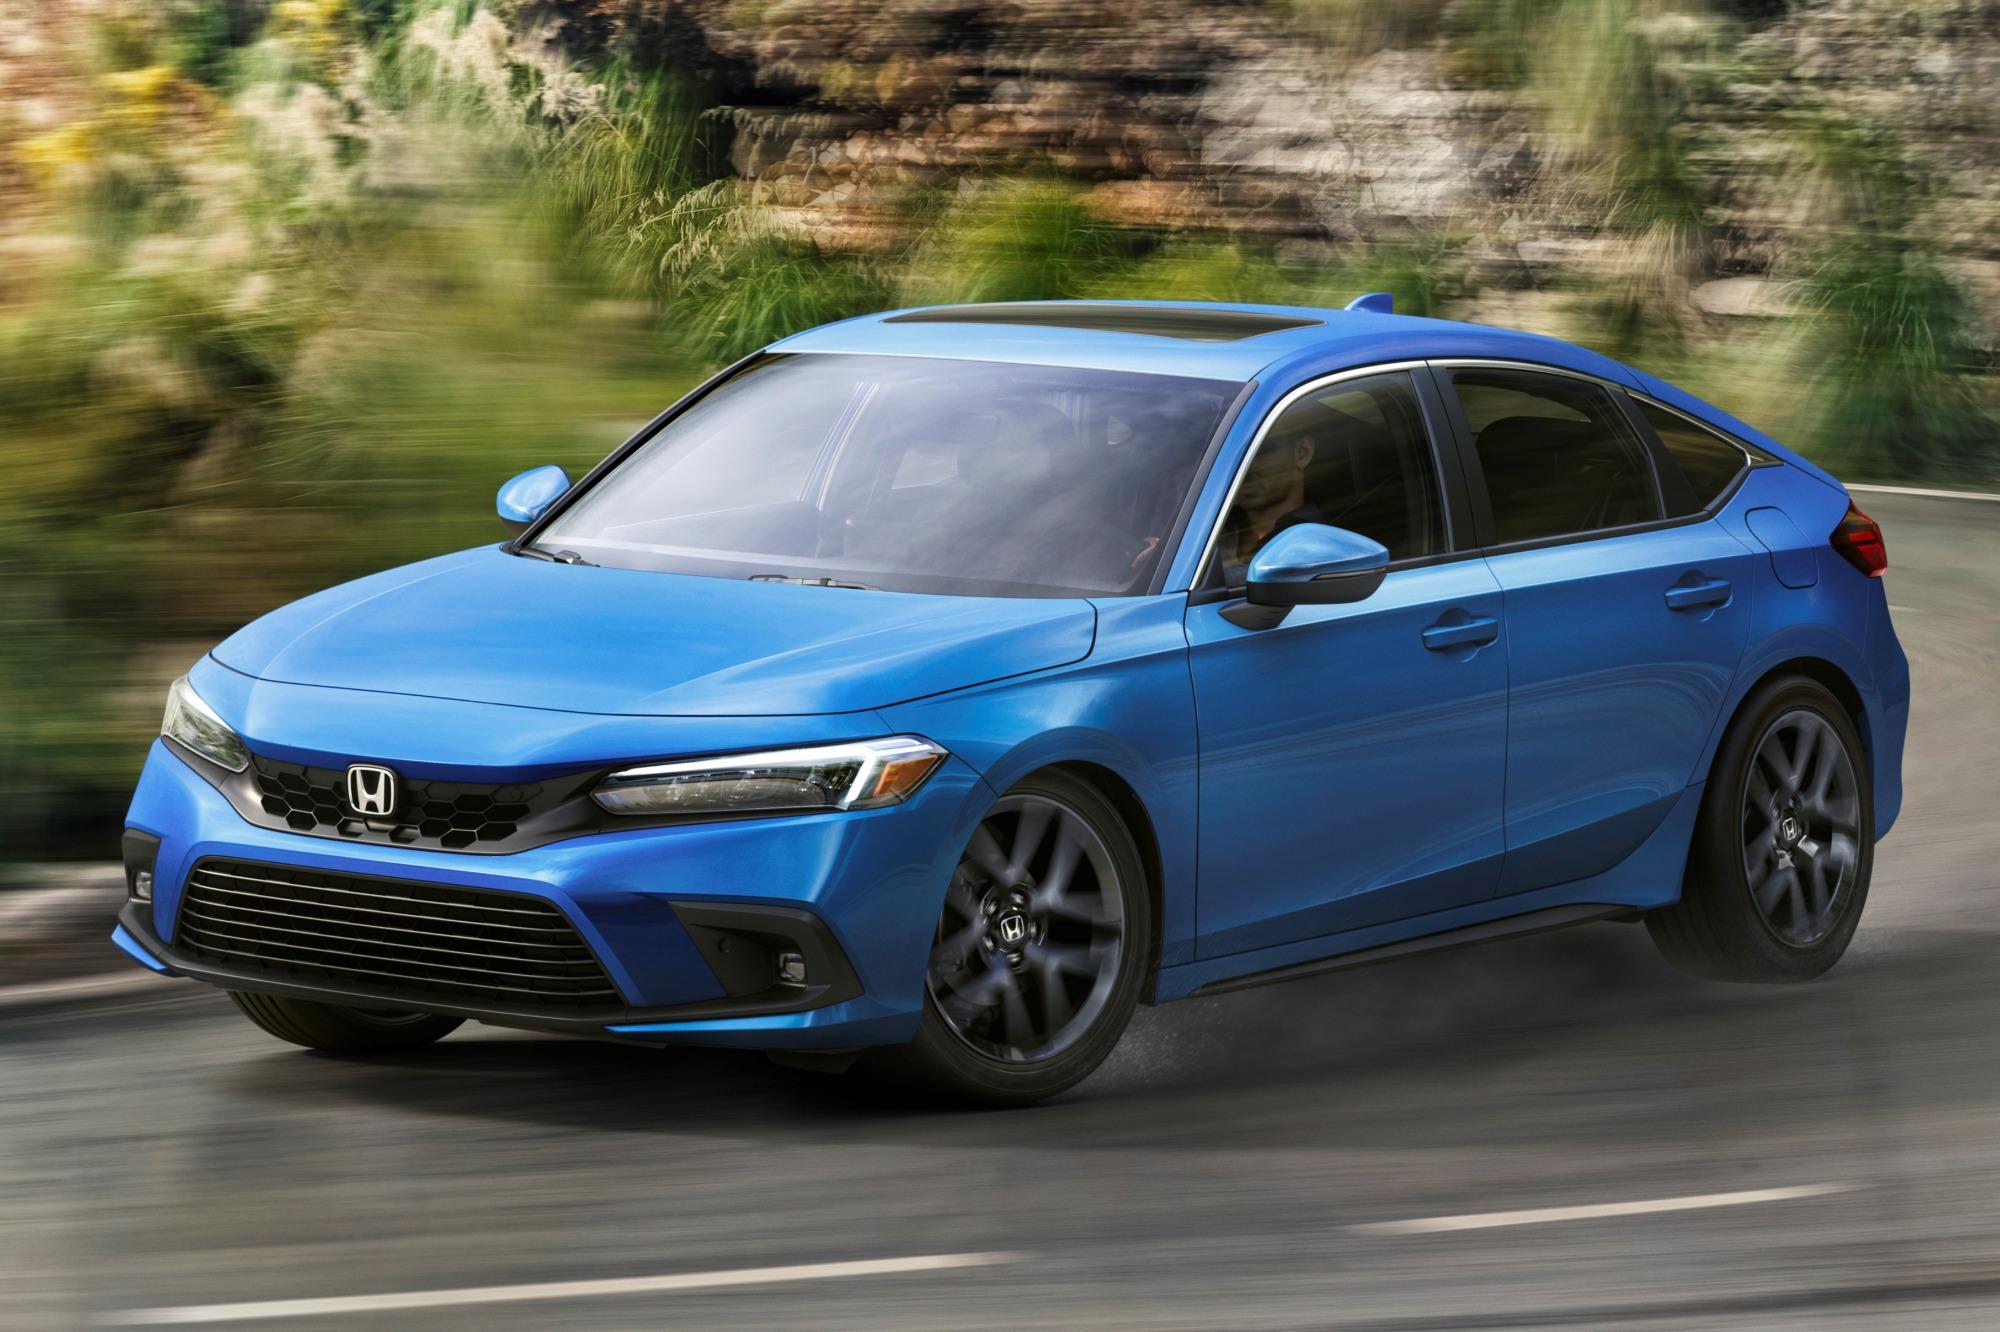 Honda Civic Hatch 2022